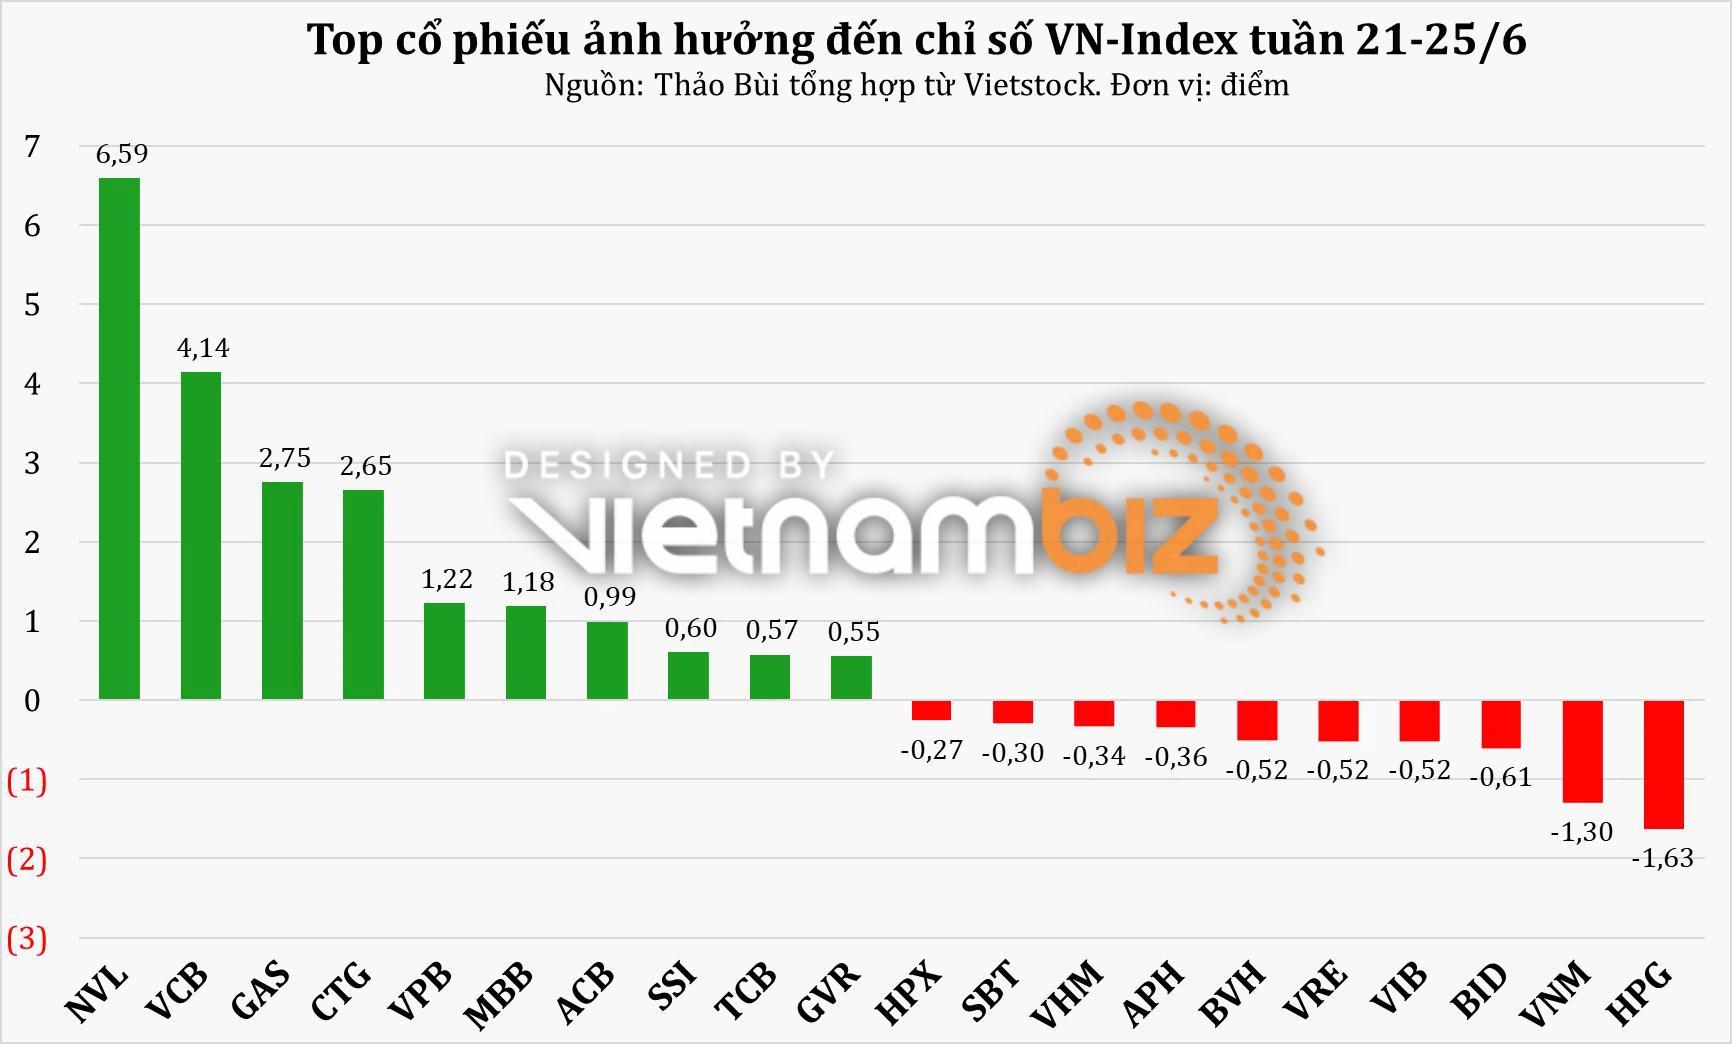 Tuần 21 - 25/6: VN-Index vượt đỉnh 1.390, NĐT cá nhân khẳng định vị thế dẫn dắt - Ảnh 1.